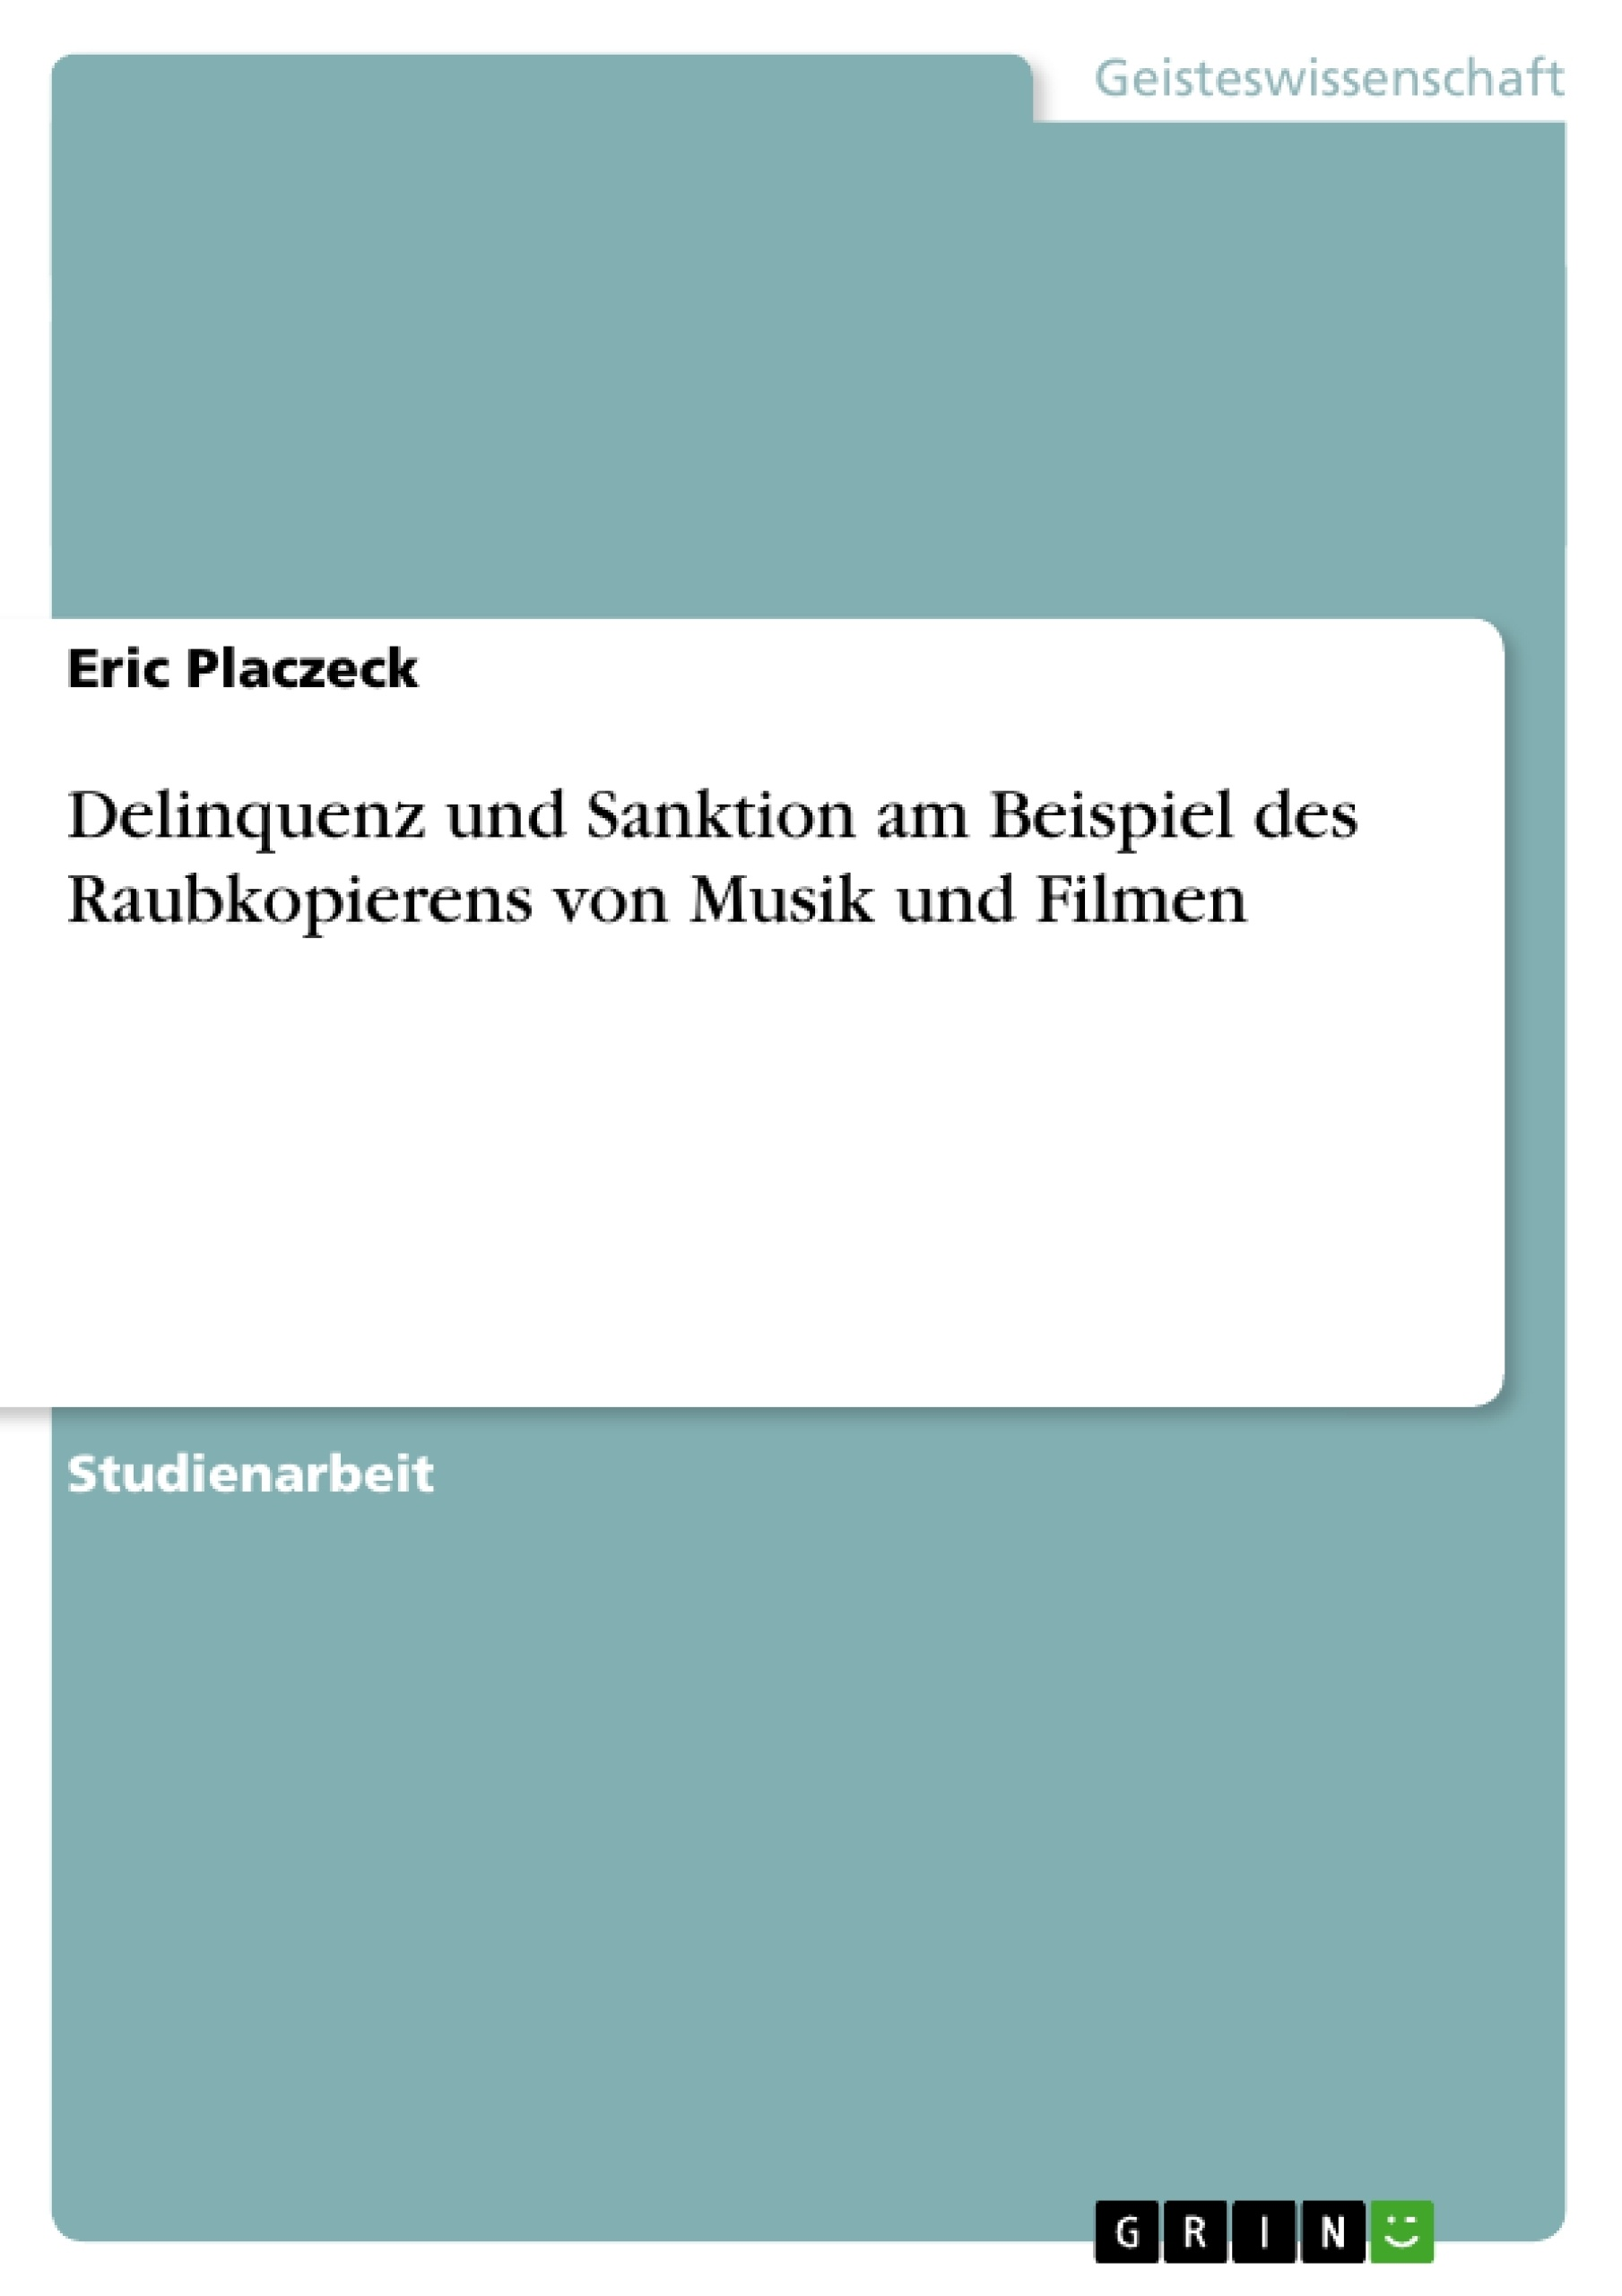 Titel: Delinquenz und Sanktion am Beispiel des Raubkopierens von Musik und Filmen